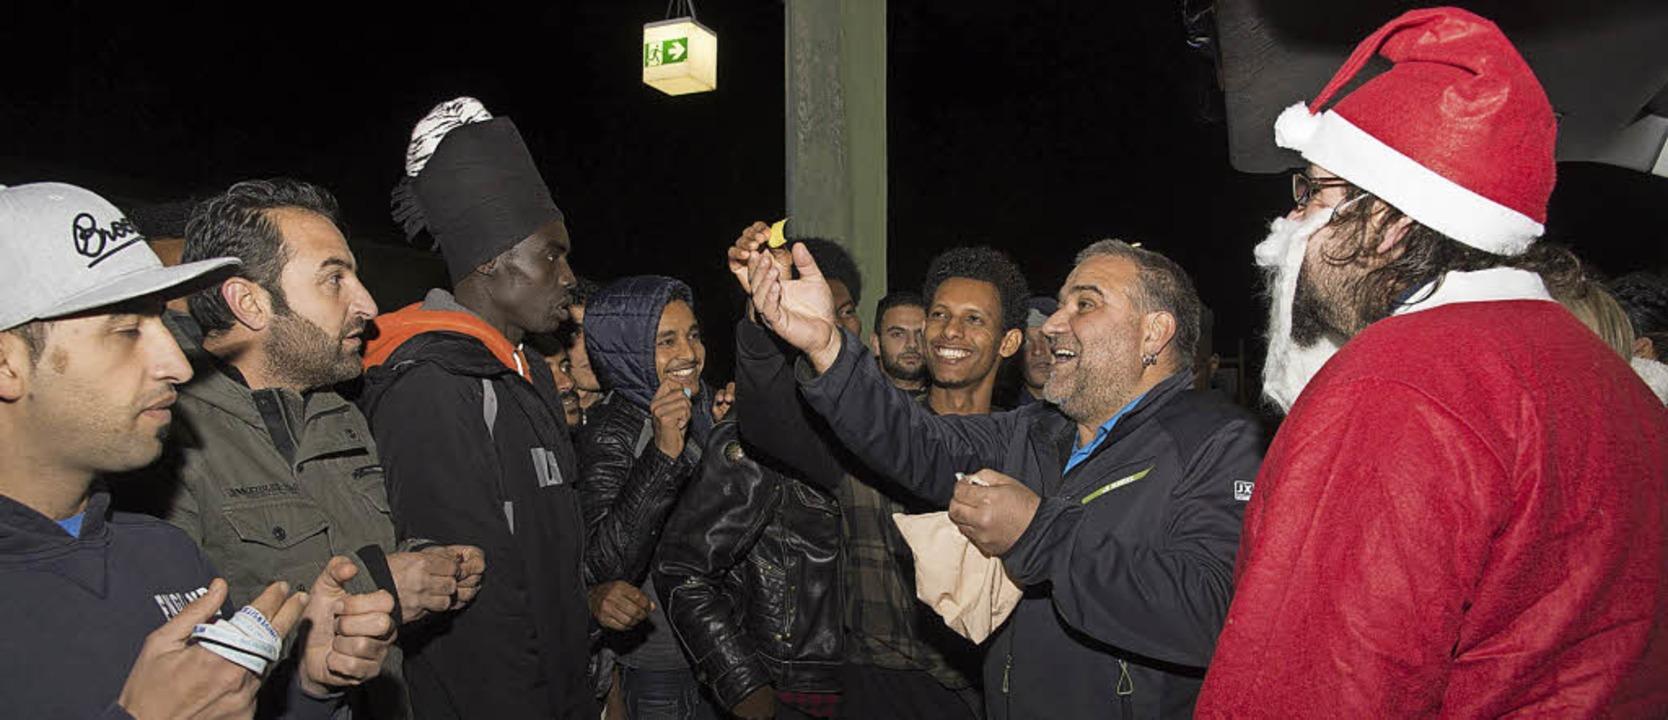 Viel Spaß hatten die Flüchtlinge beim ...Rainer Hiss organisierte eine Tombola.  | Foto: Volker Münch